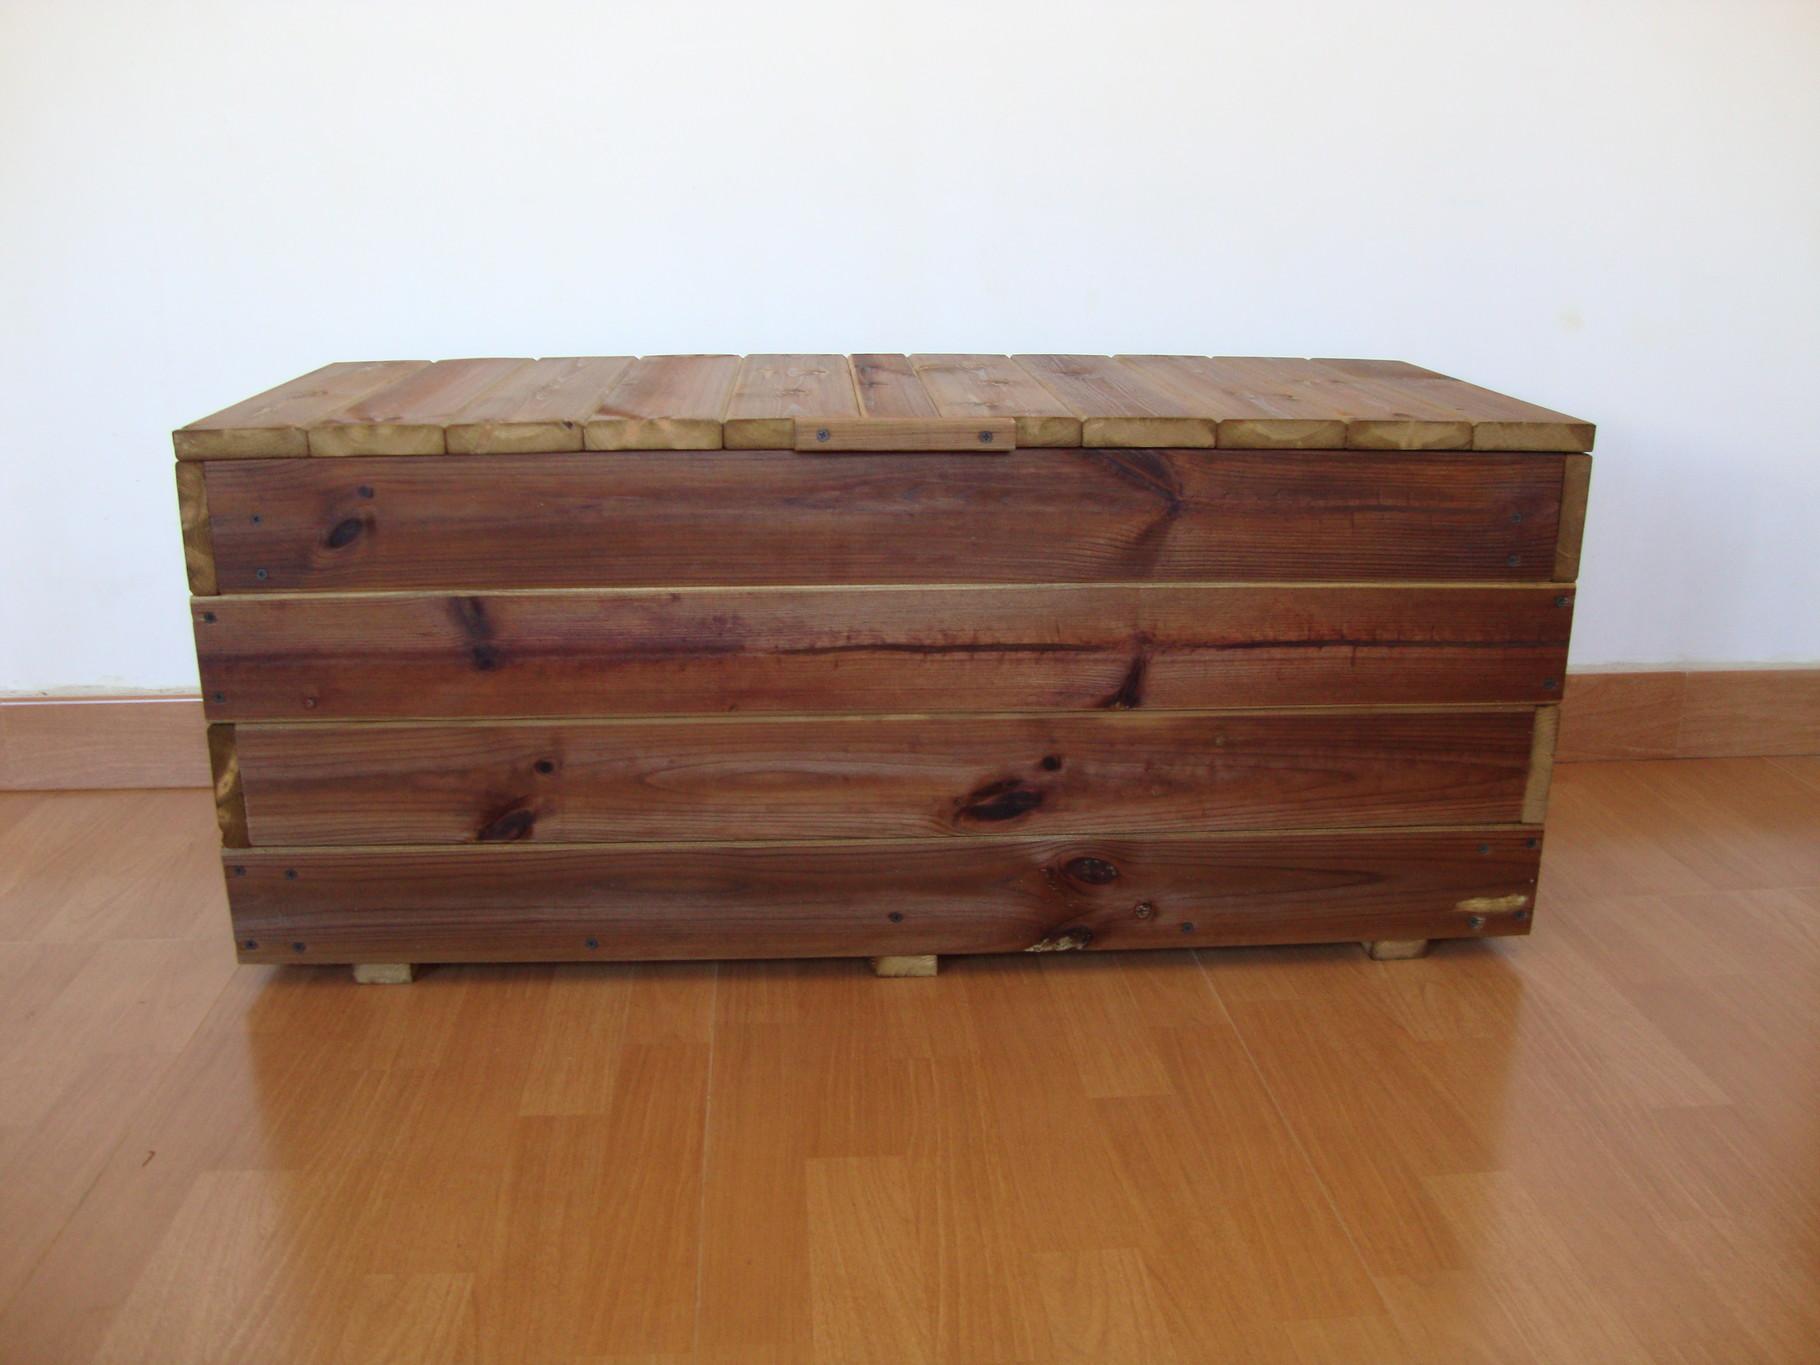 Baul al autoclave exterior jardineras de madera - Autoclave para madera ...